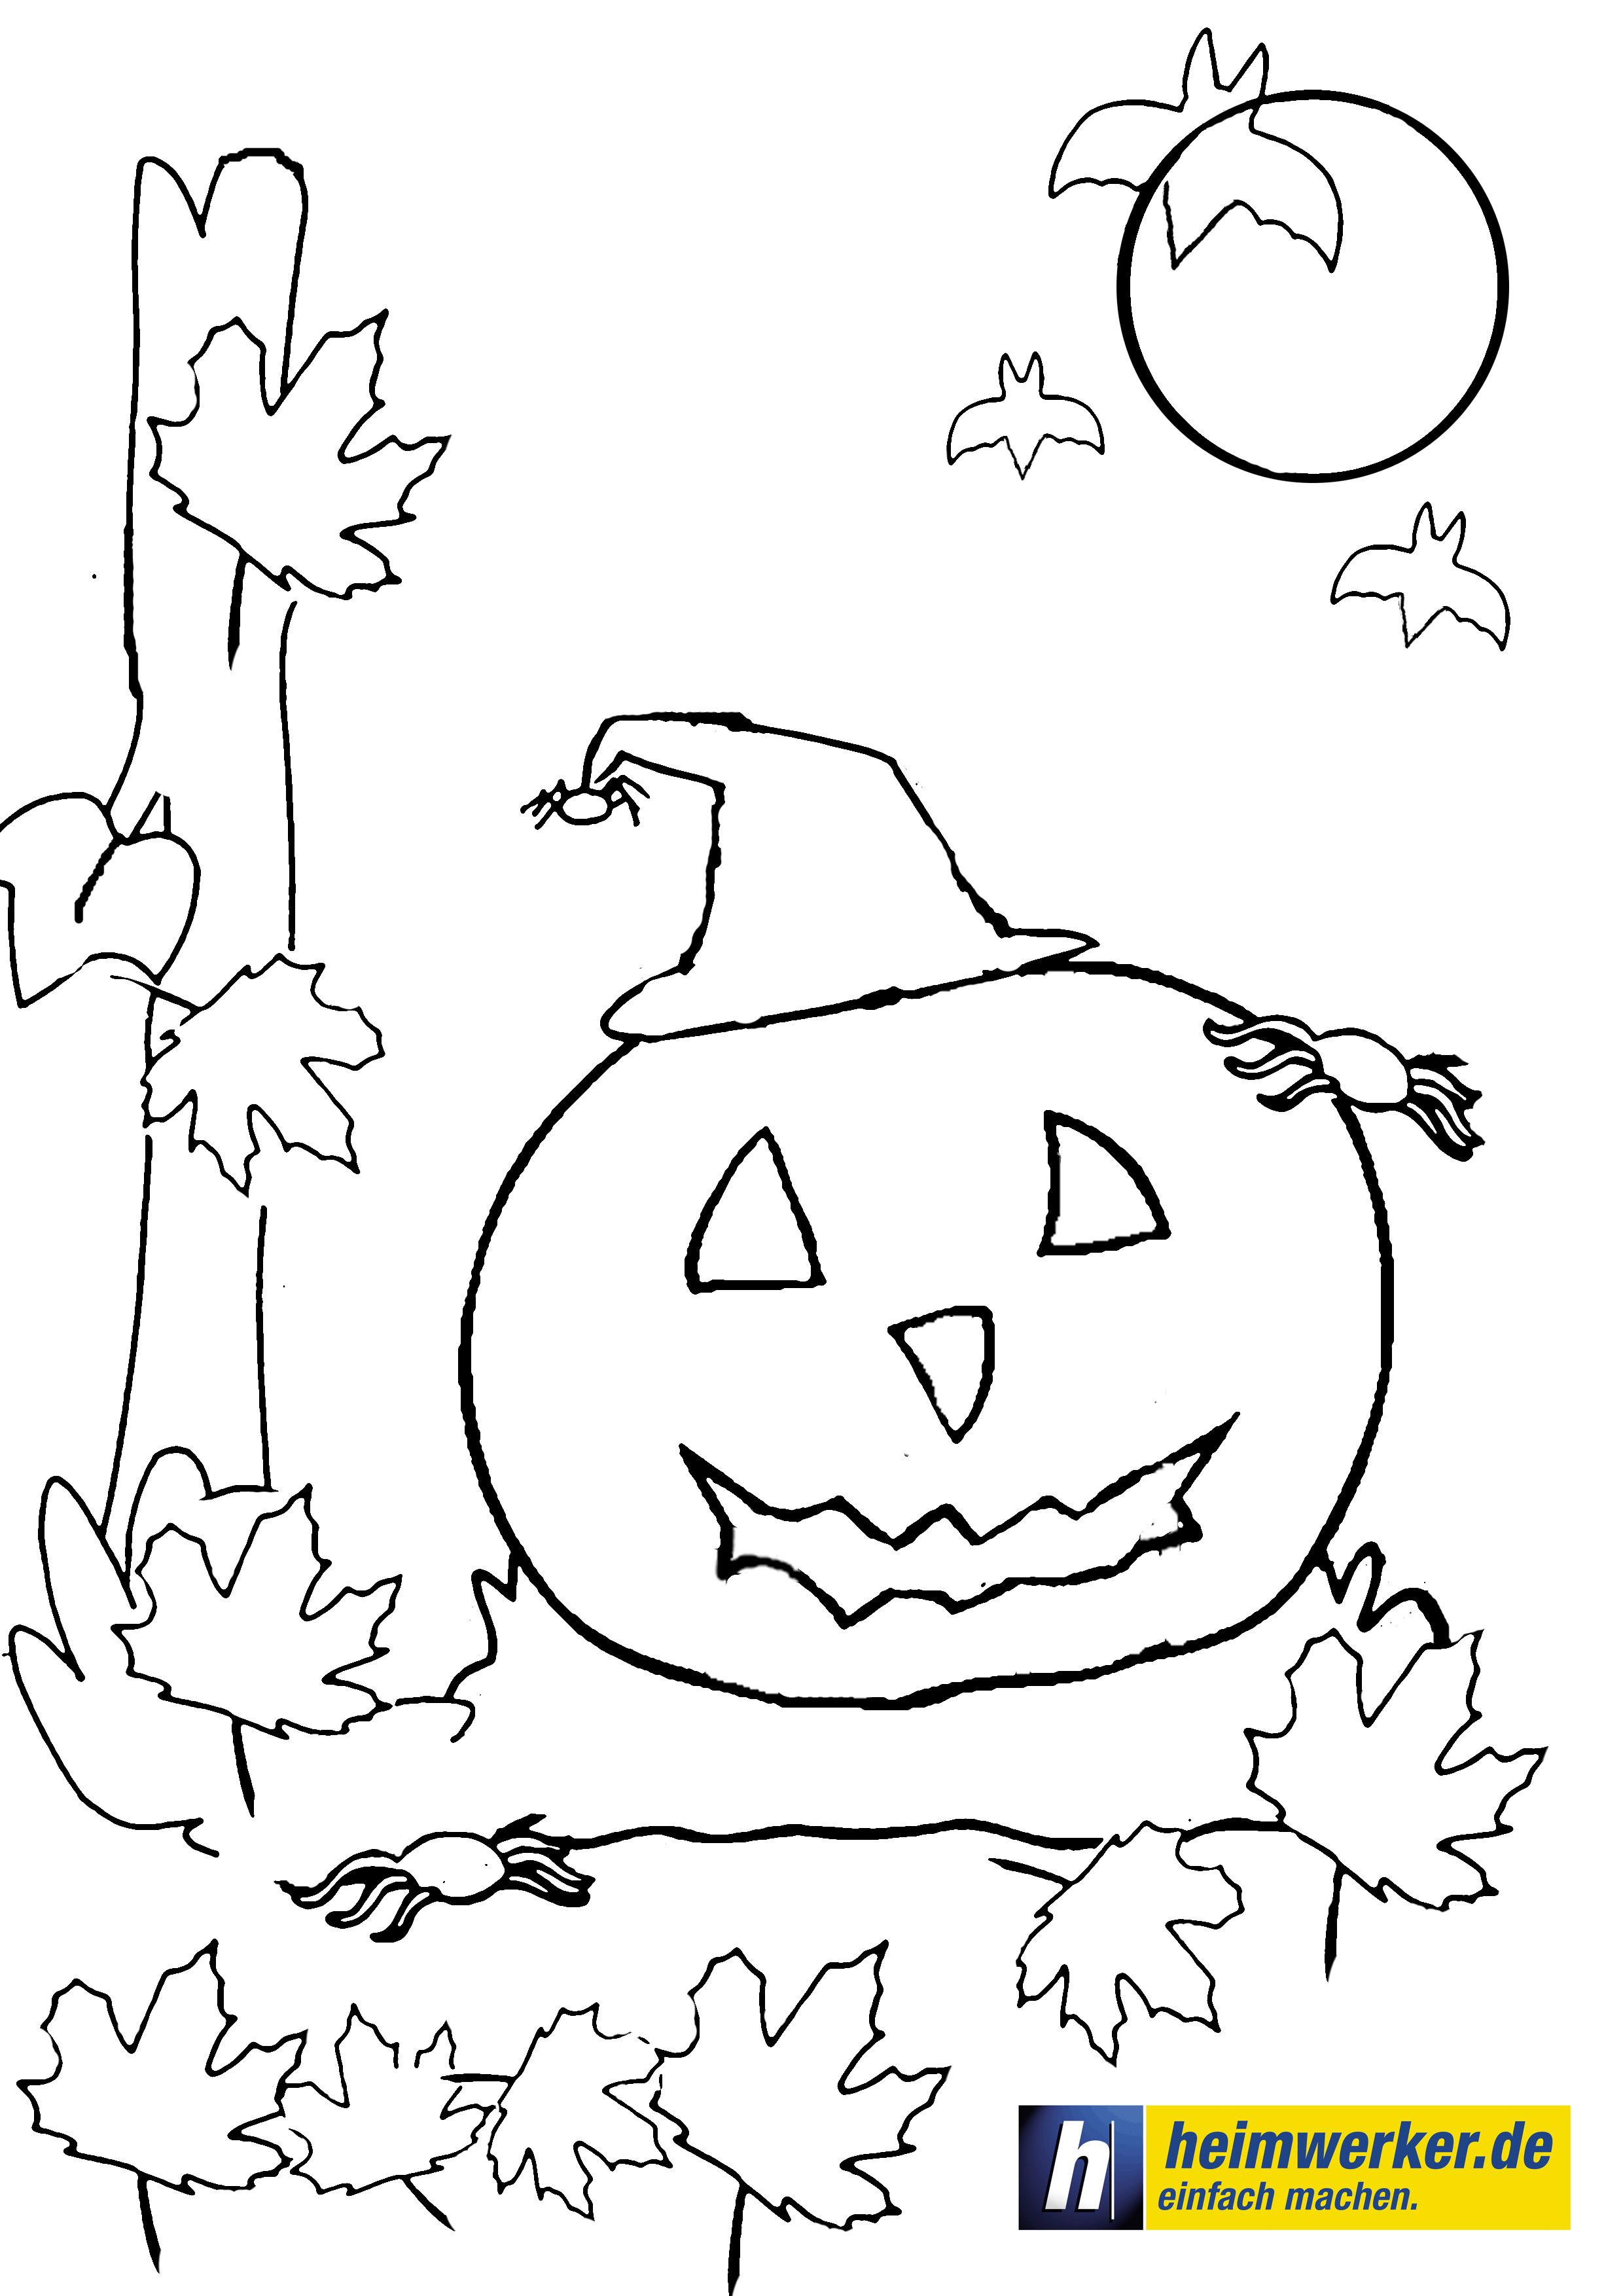 Gruselige Monster Ausmalbilder Das Beste Von Malvorlagen Halloween Gruselig Schön Neu Gruselige Malvorlagen Für Sammlung